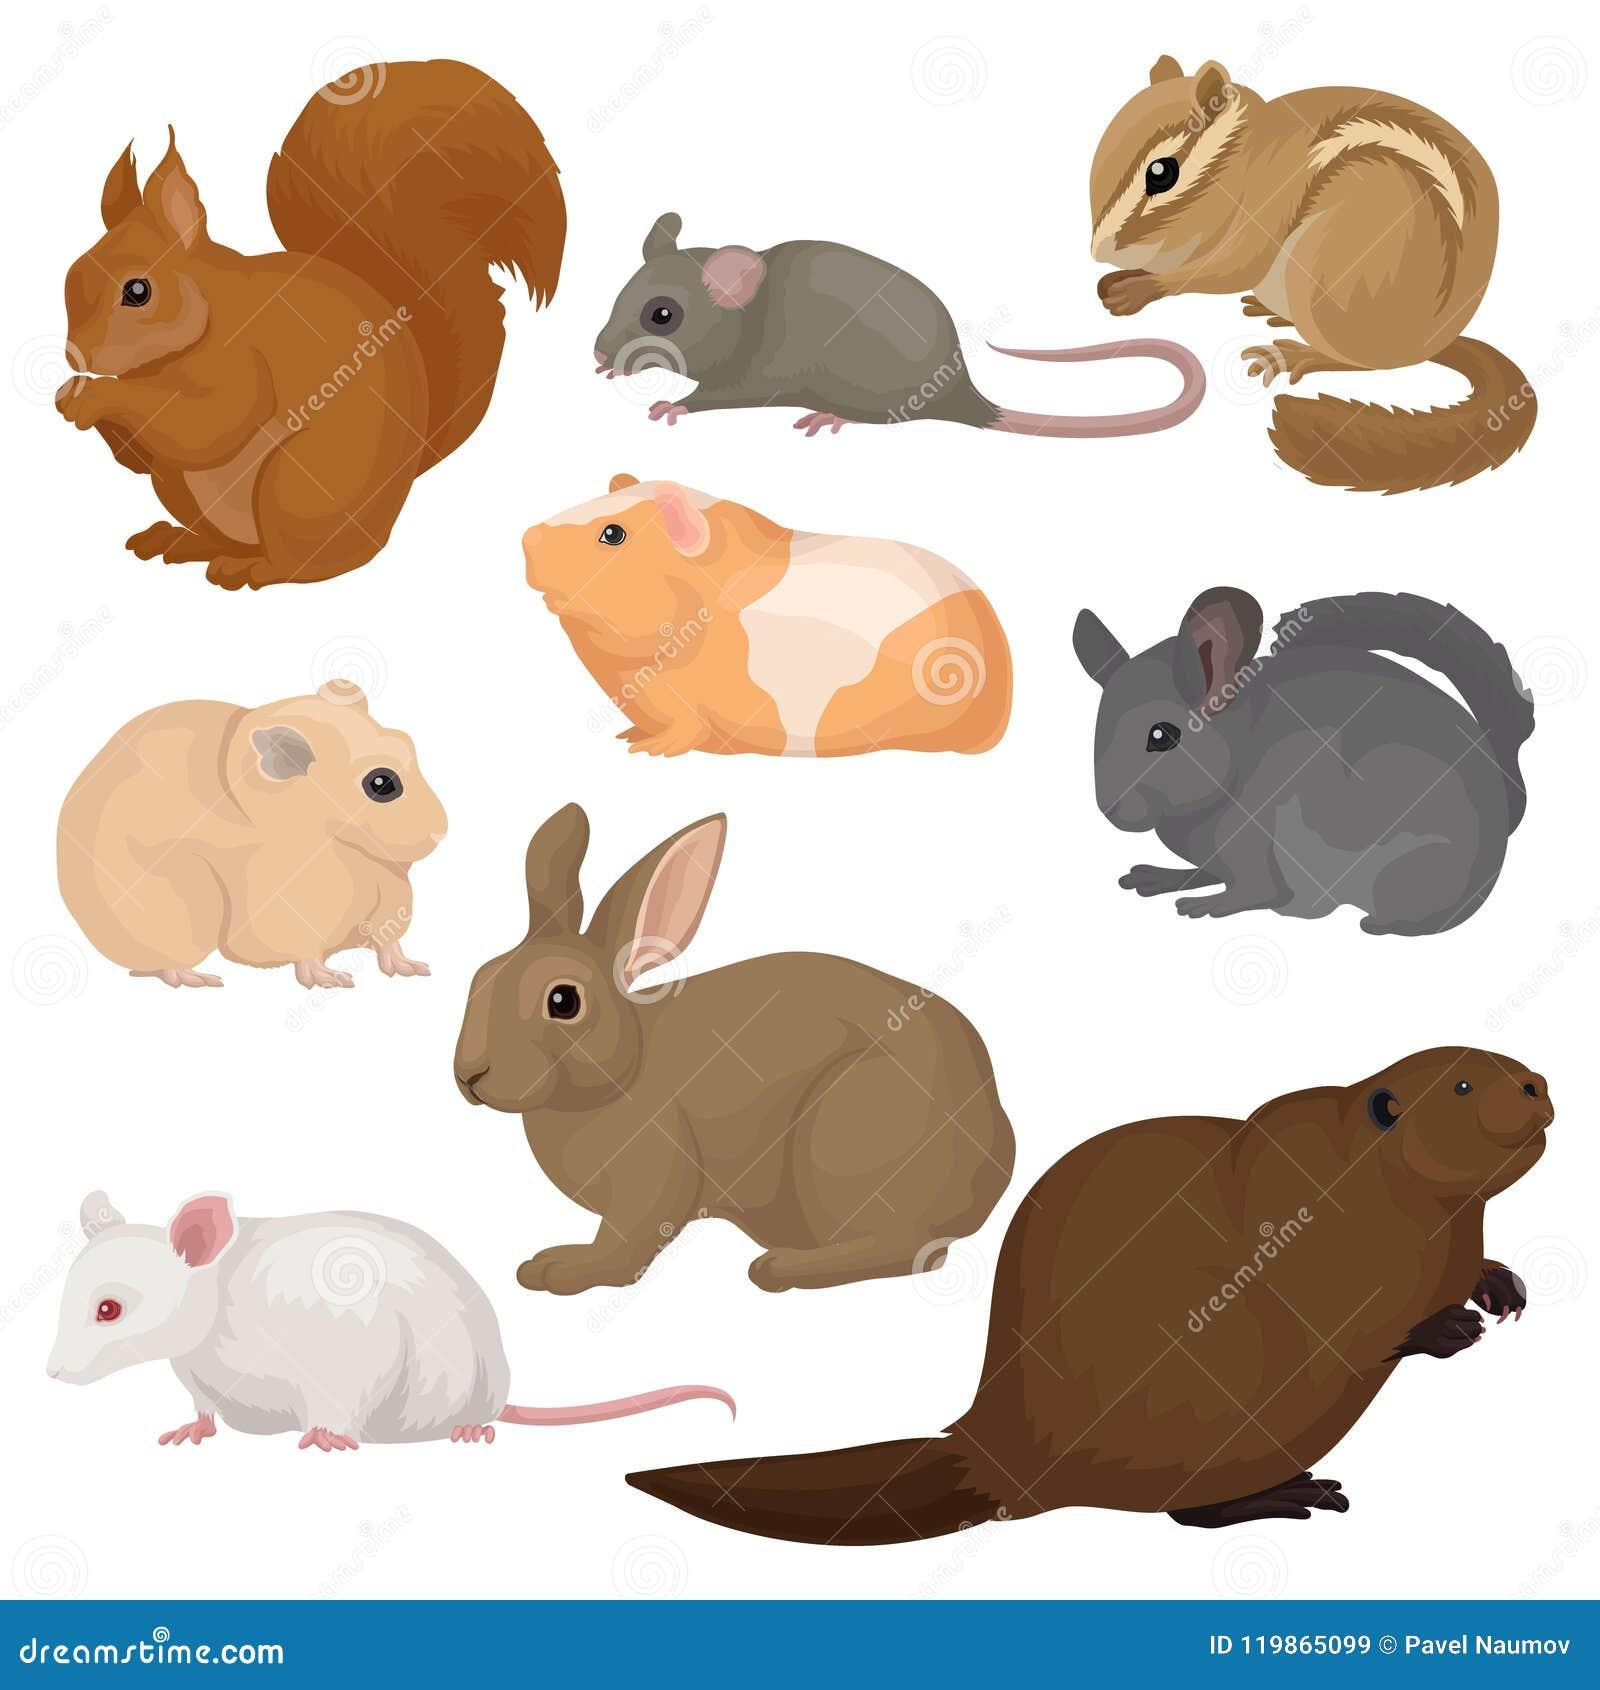 平的传染媒介套各种各样的啮齿目动物 小森林和家畜 哺乳动物的生物 动物区系和野生生物题材